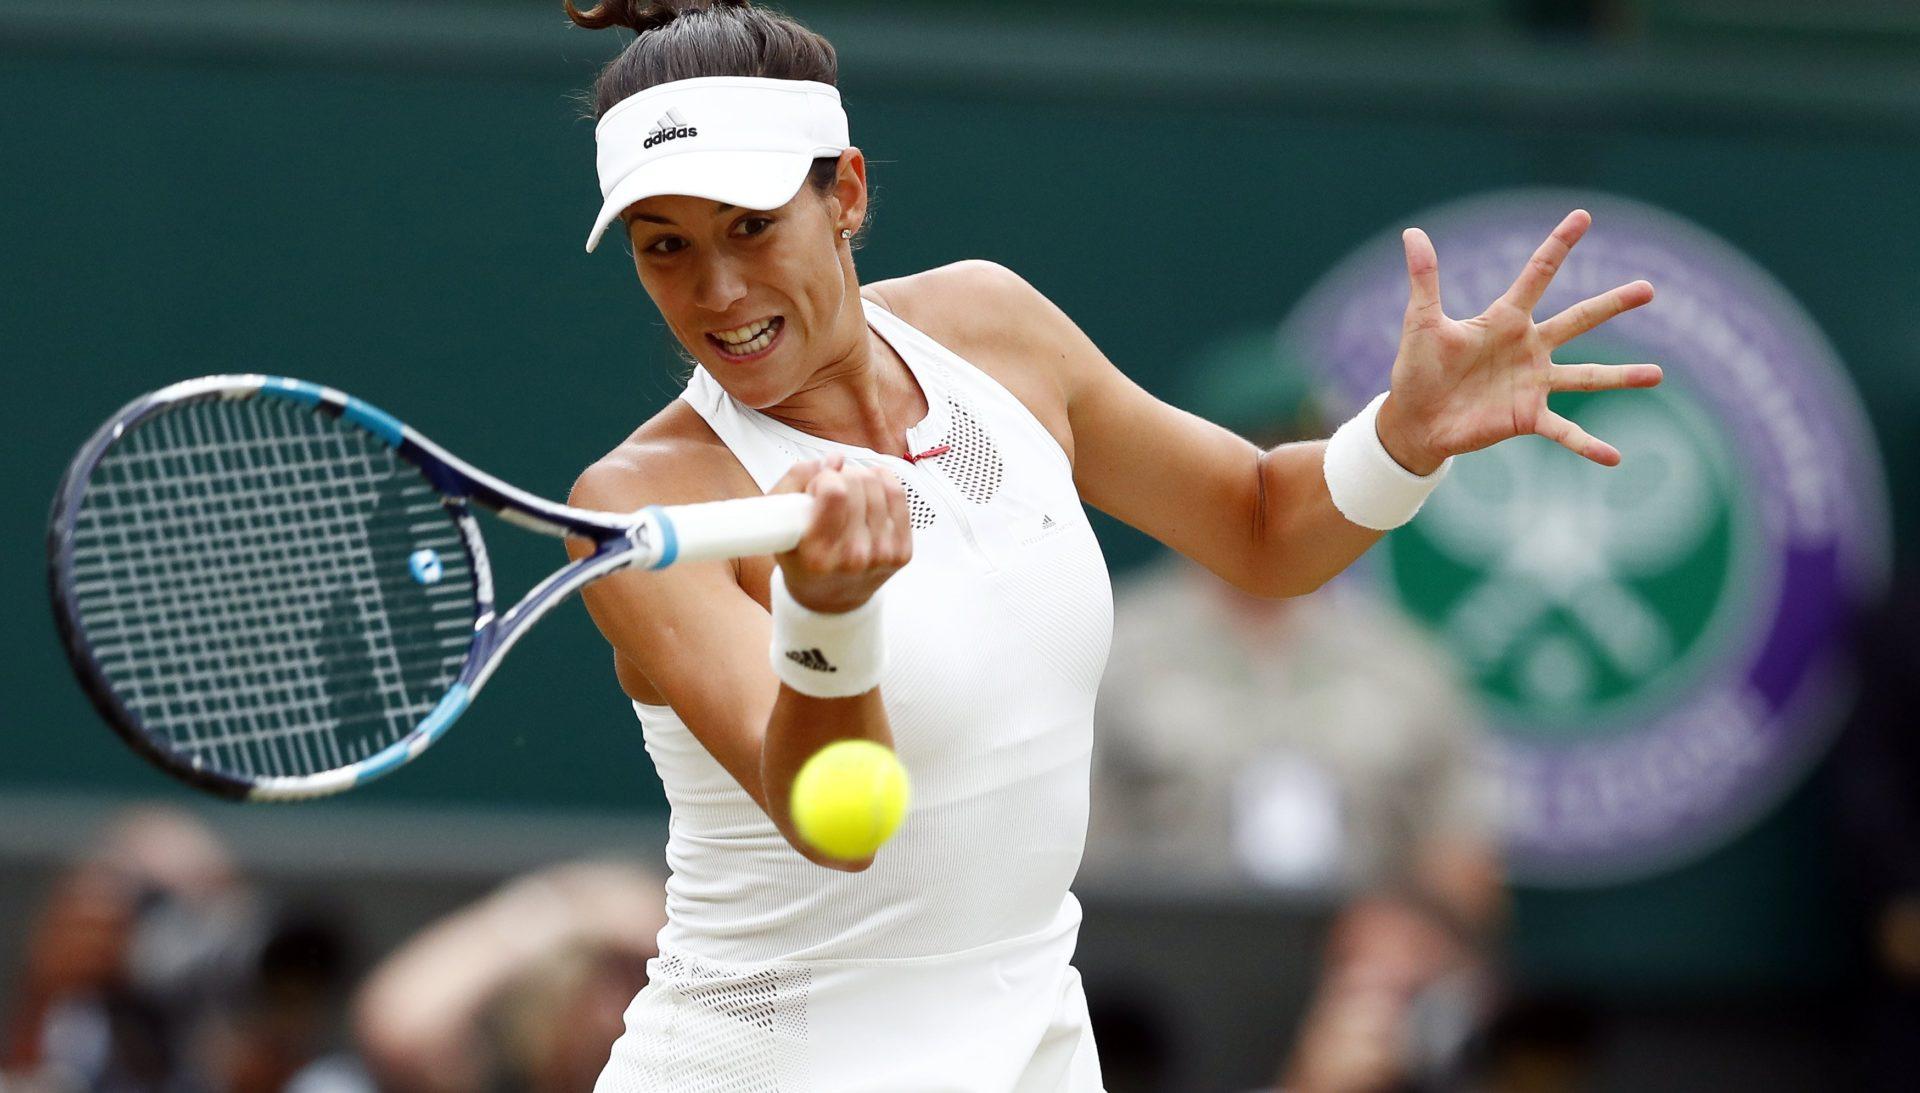 Garbiñe Muguruza superó con contundencia a Venus Williams en el segundo set de la final de Wimbledon